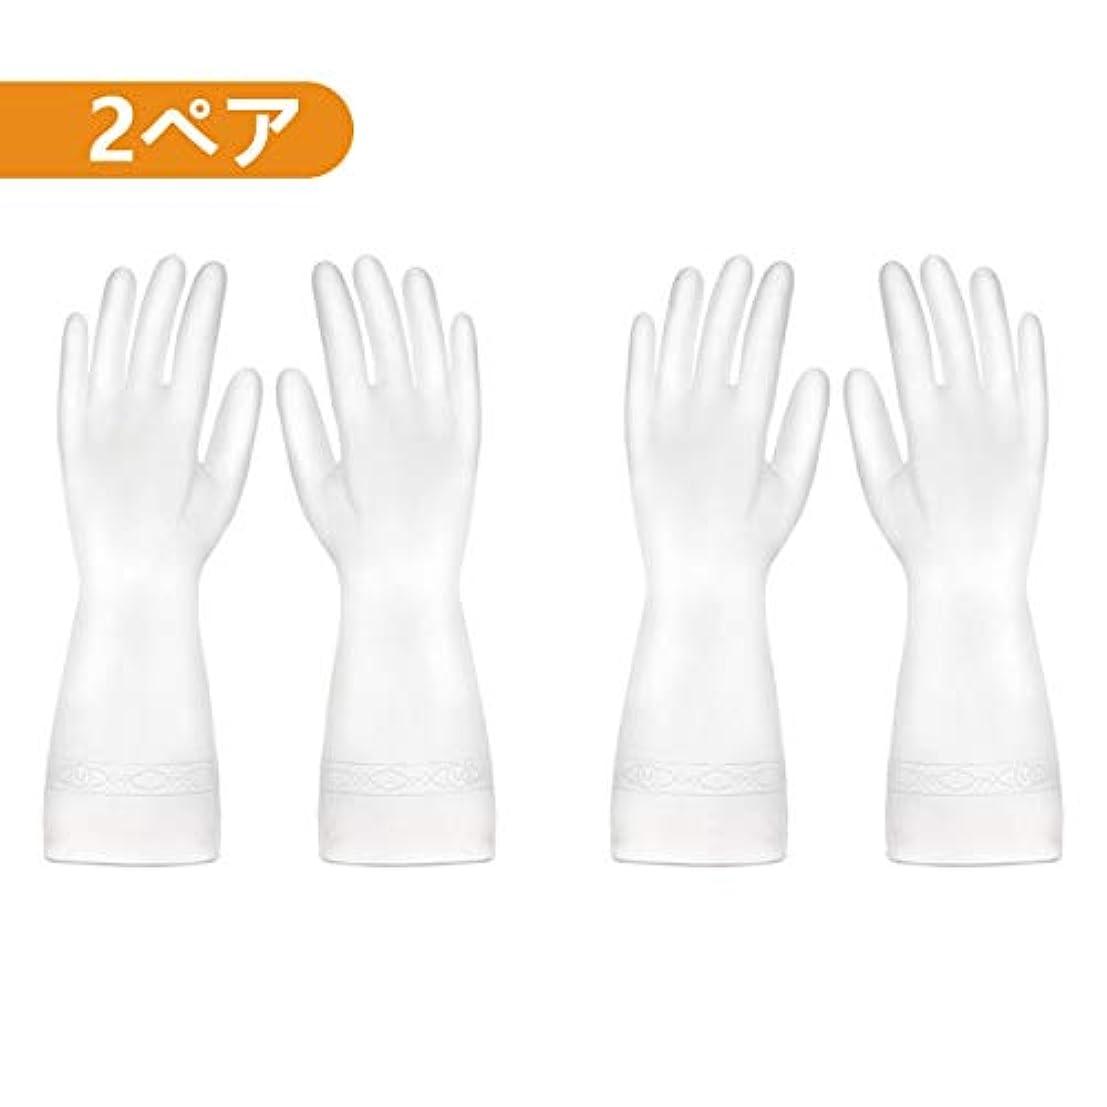 チャペル最愛のうまくやる()キッチン手袋 2ペア入り 食器洗い手袋 ゴム手袋 キッチングローブ 耐熱 繰り返し利用 作業 炊事用 家庭用 家事用 食器洗い 園芸 ホワイト latex gloves (L 2ペア)